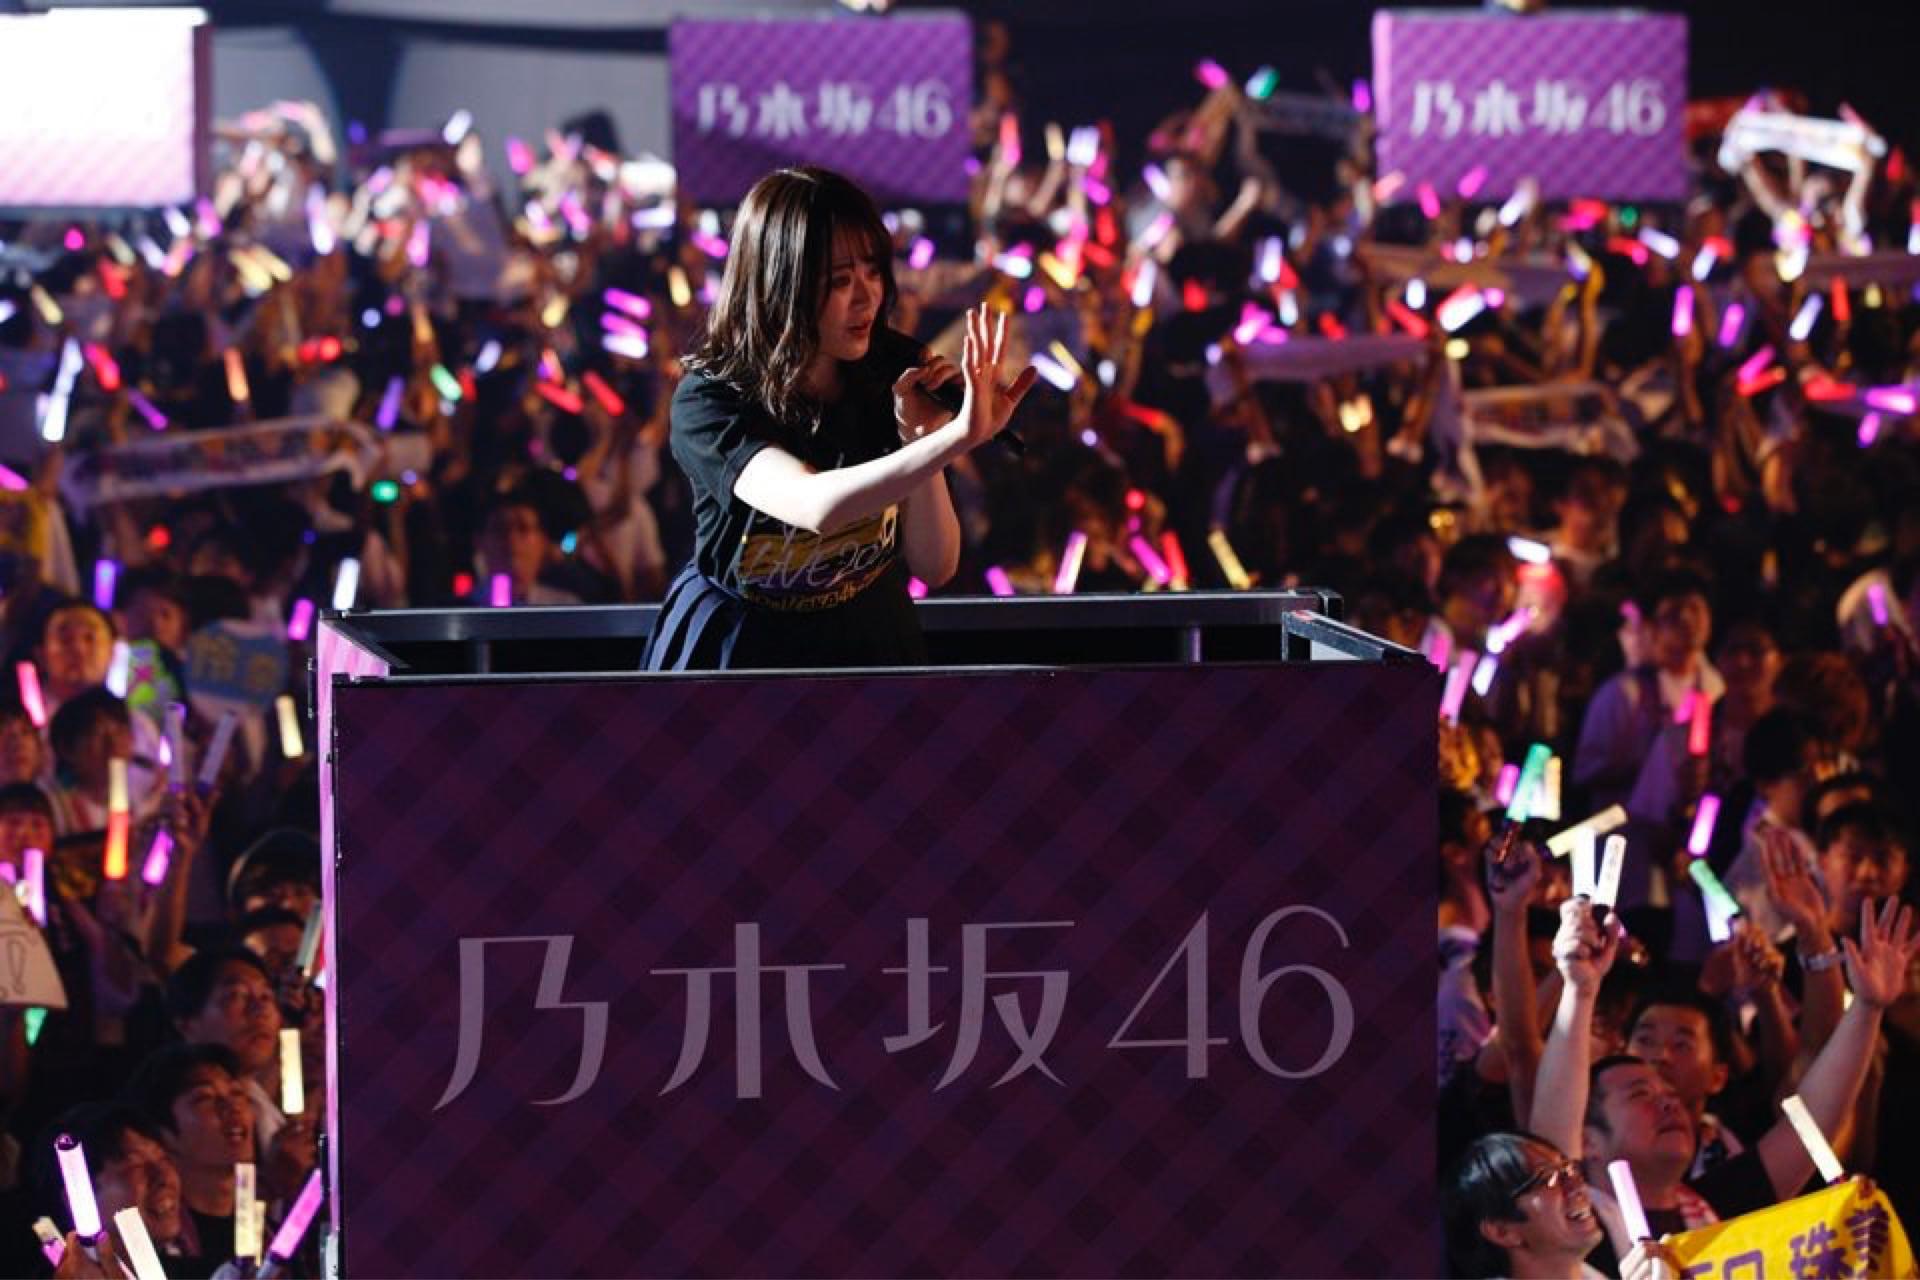 山崎怜奈 選挙ですか?